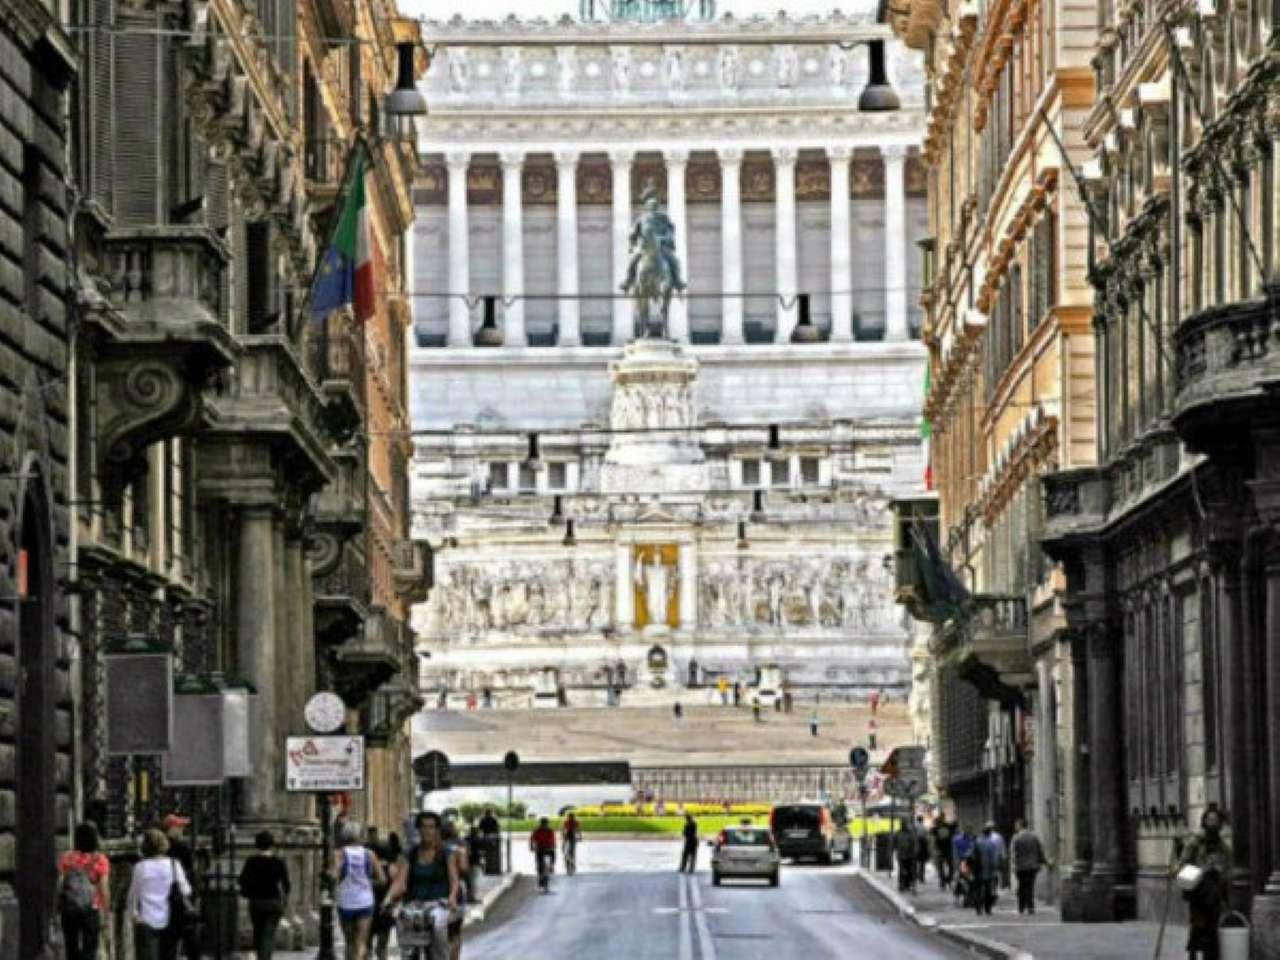 Attico / Mansarda in vendita a Roma, 7 locali, zona Zona: 1 . Centro storico, prezzo € 3.900.000 | CambioCasa.it